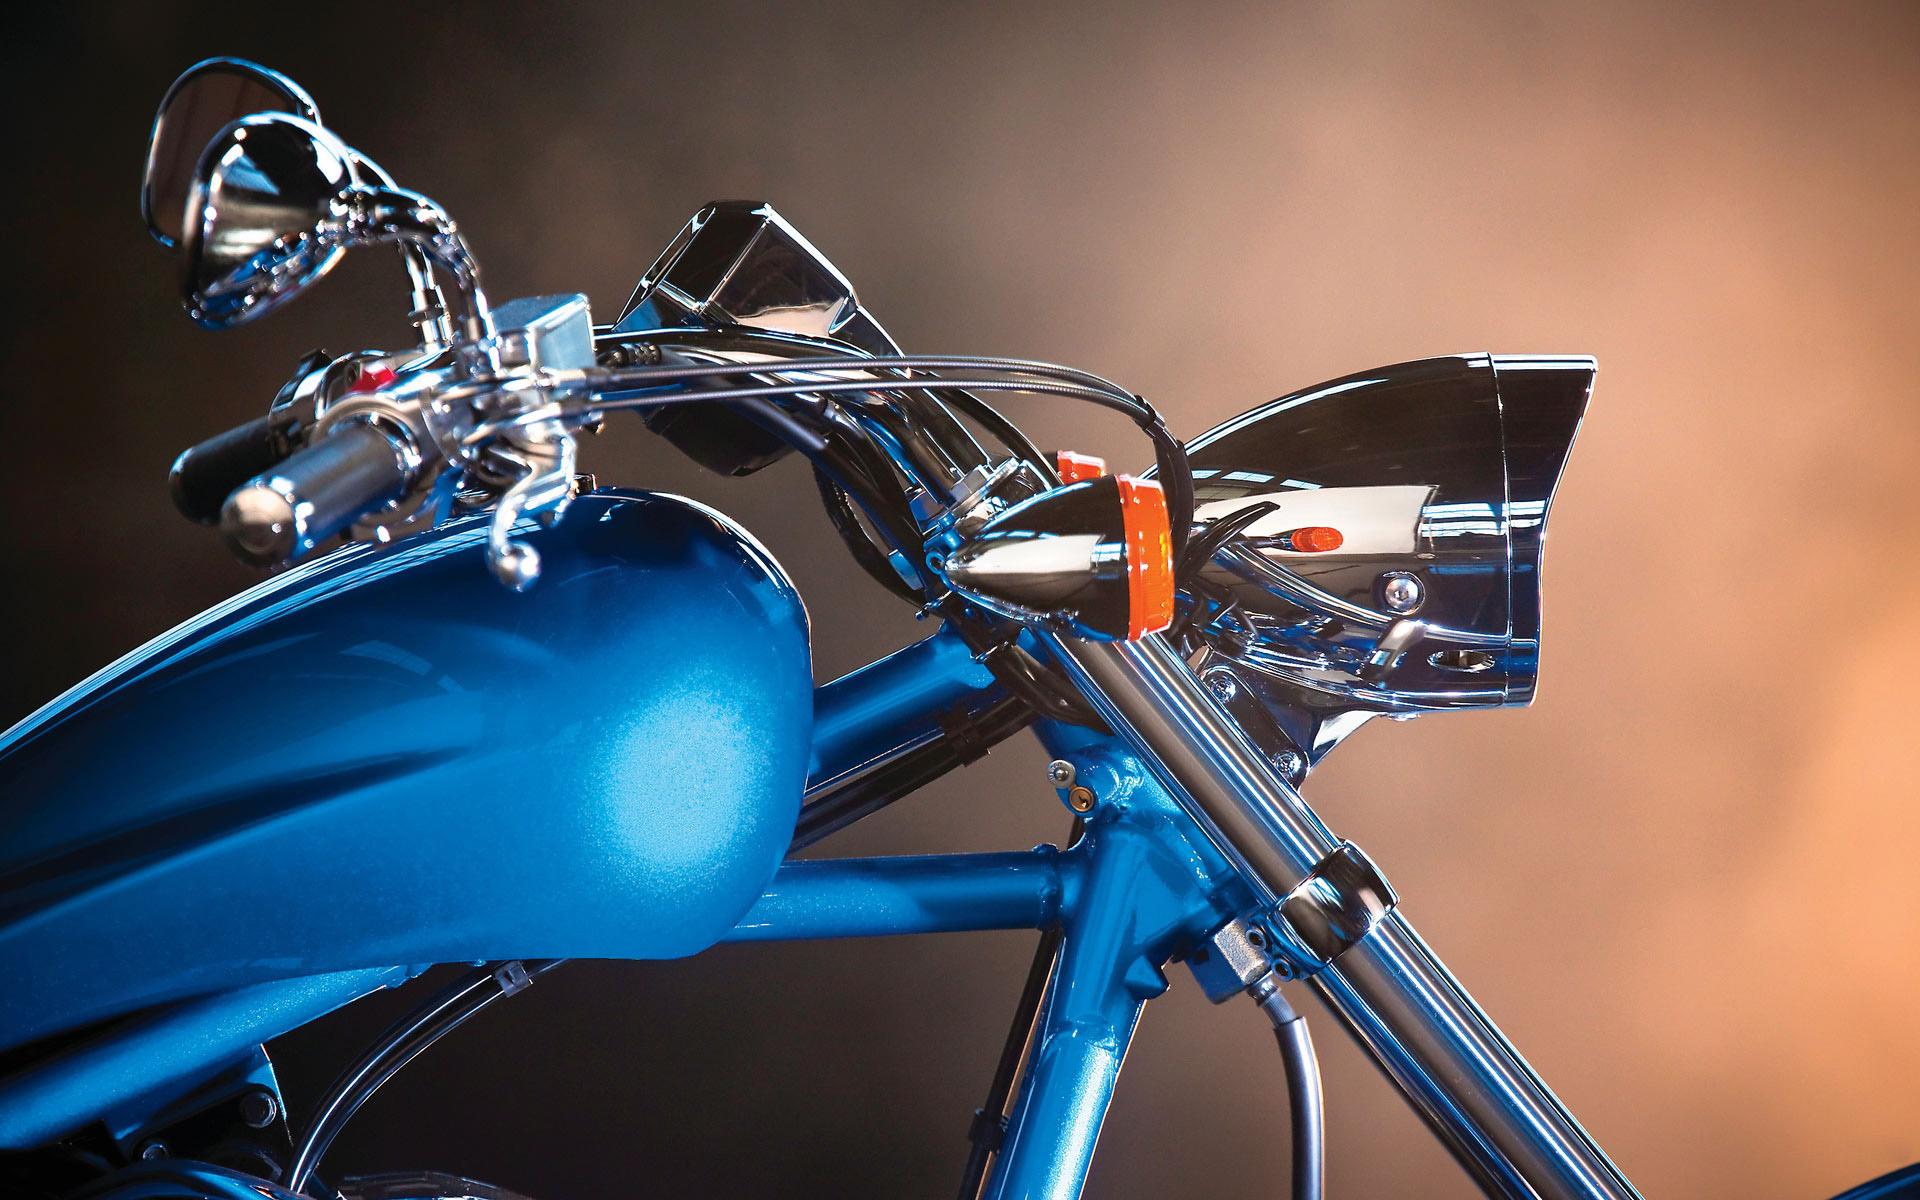 Обои для рабочего стола, мотоцикл, Фонарь